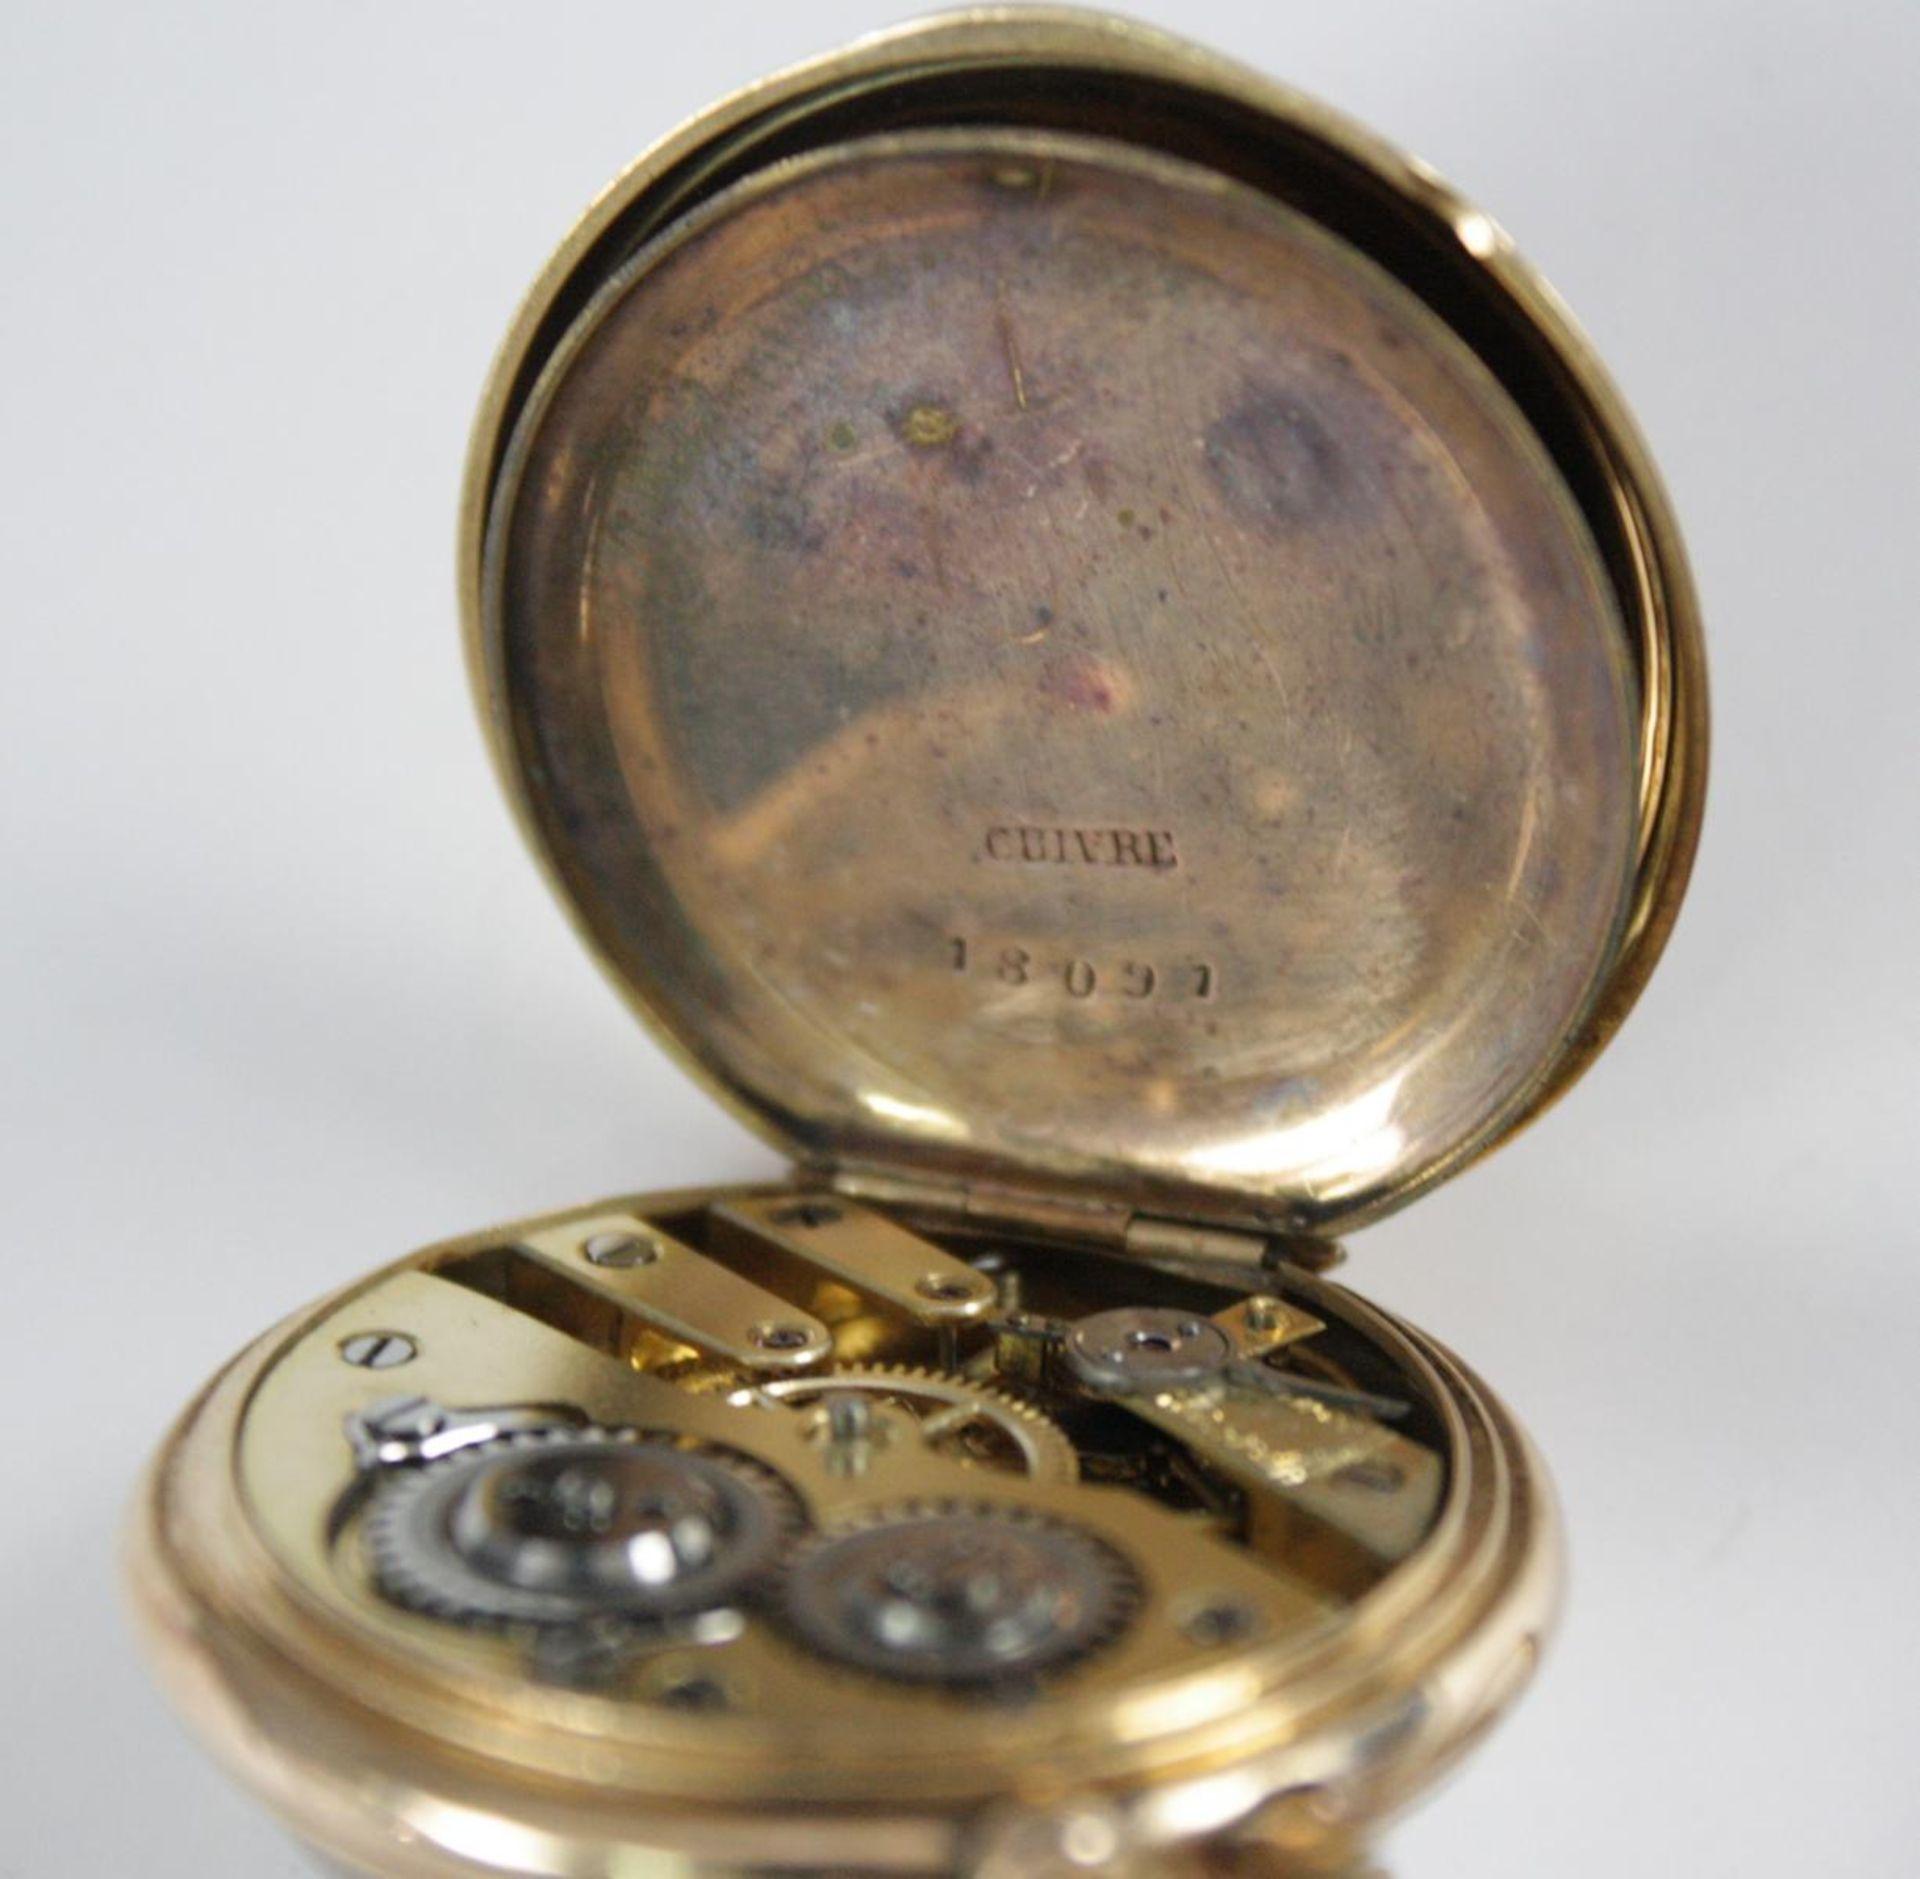 Goldene Damentaschenuhr, 14 Karat Gelbgold - Bild 6 aus 6